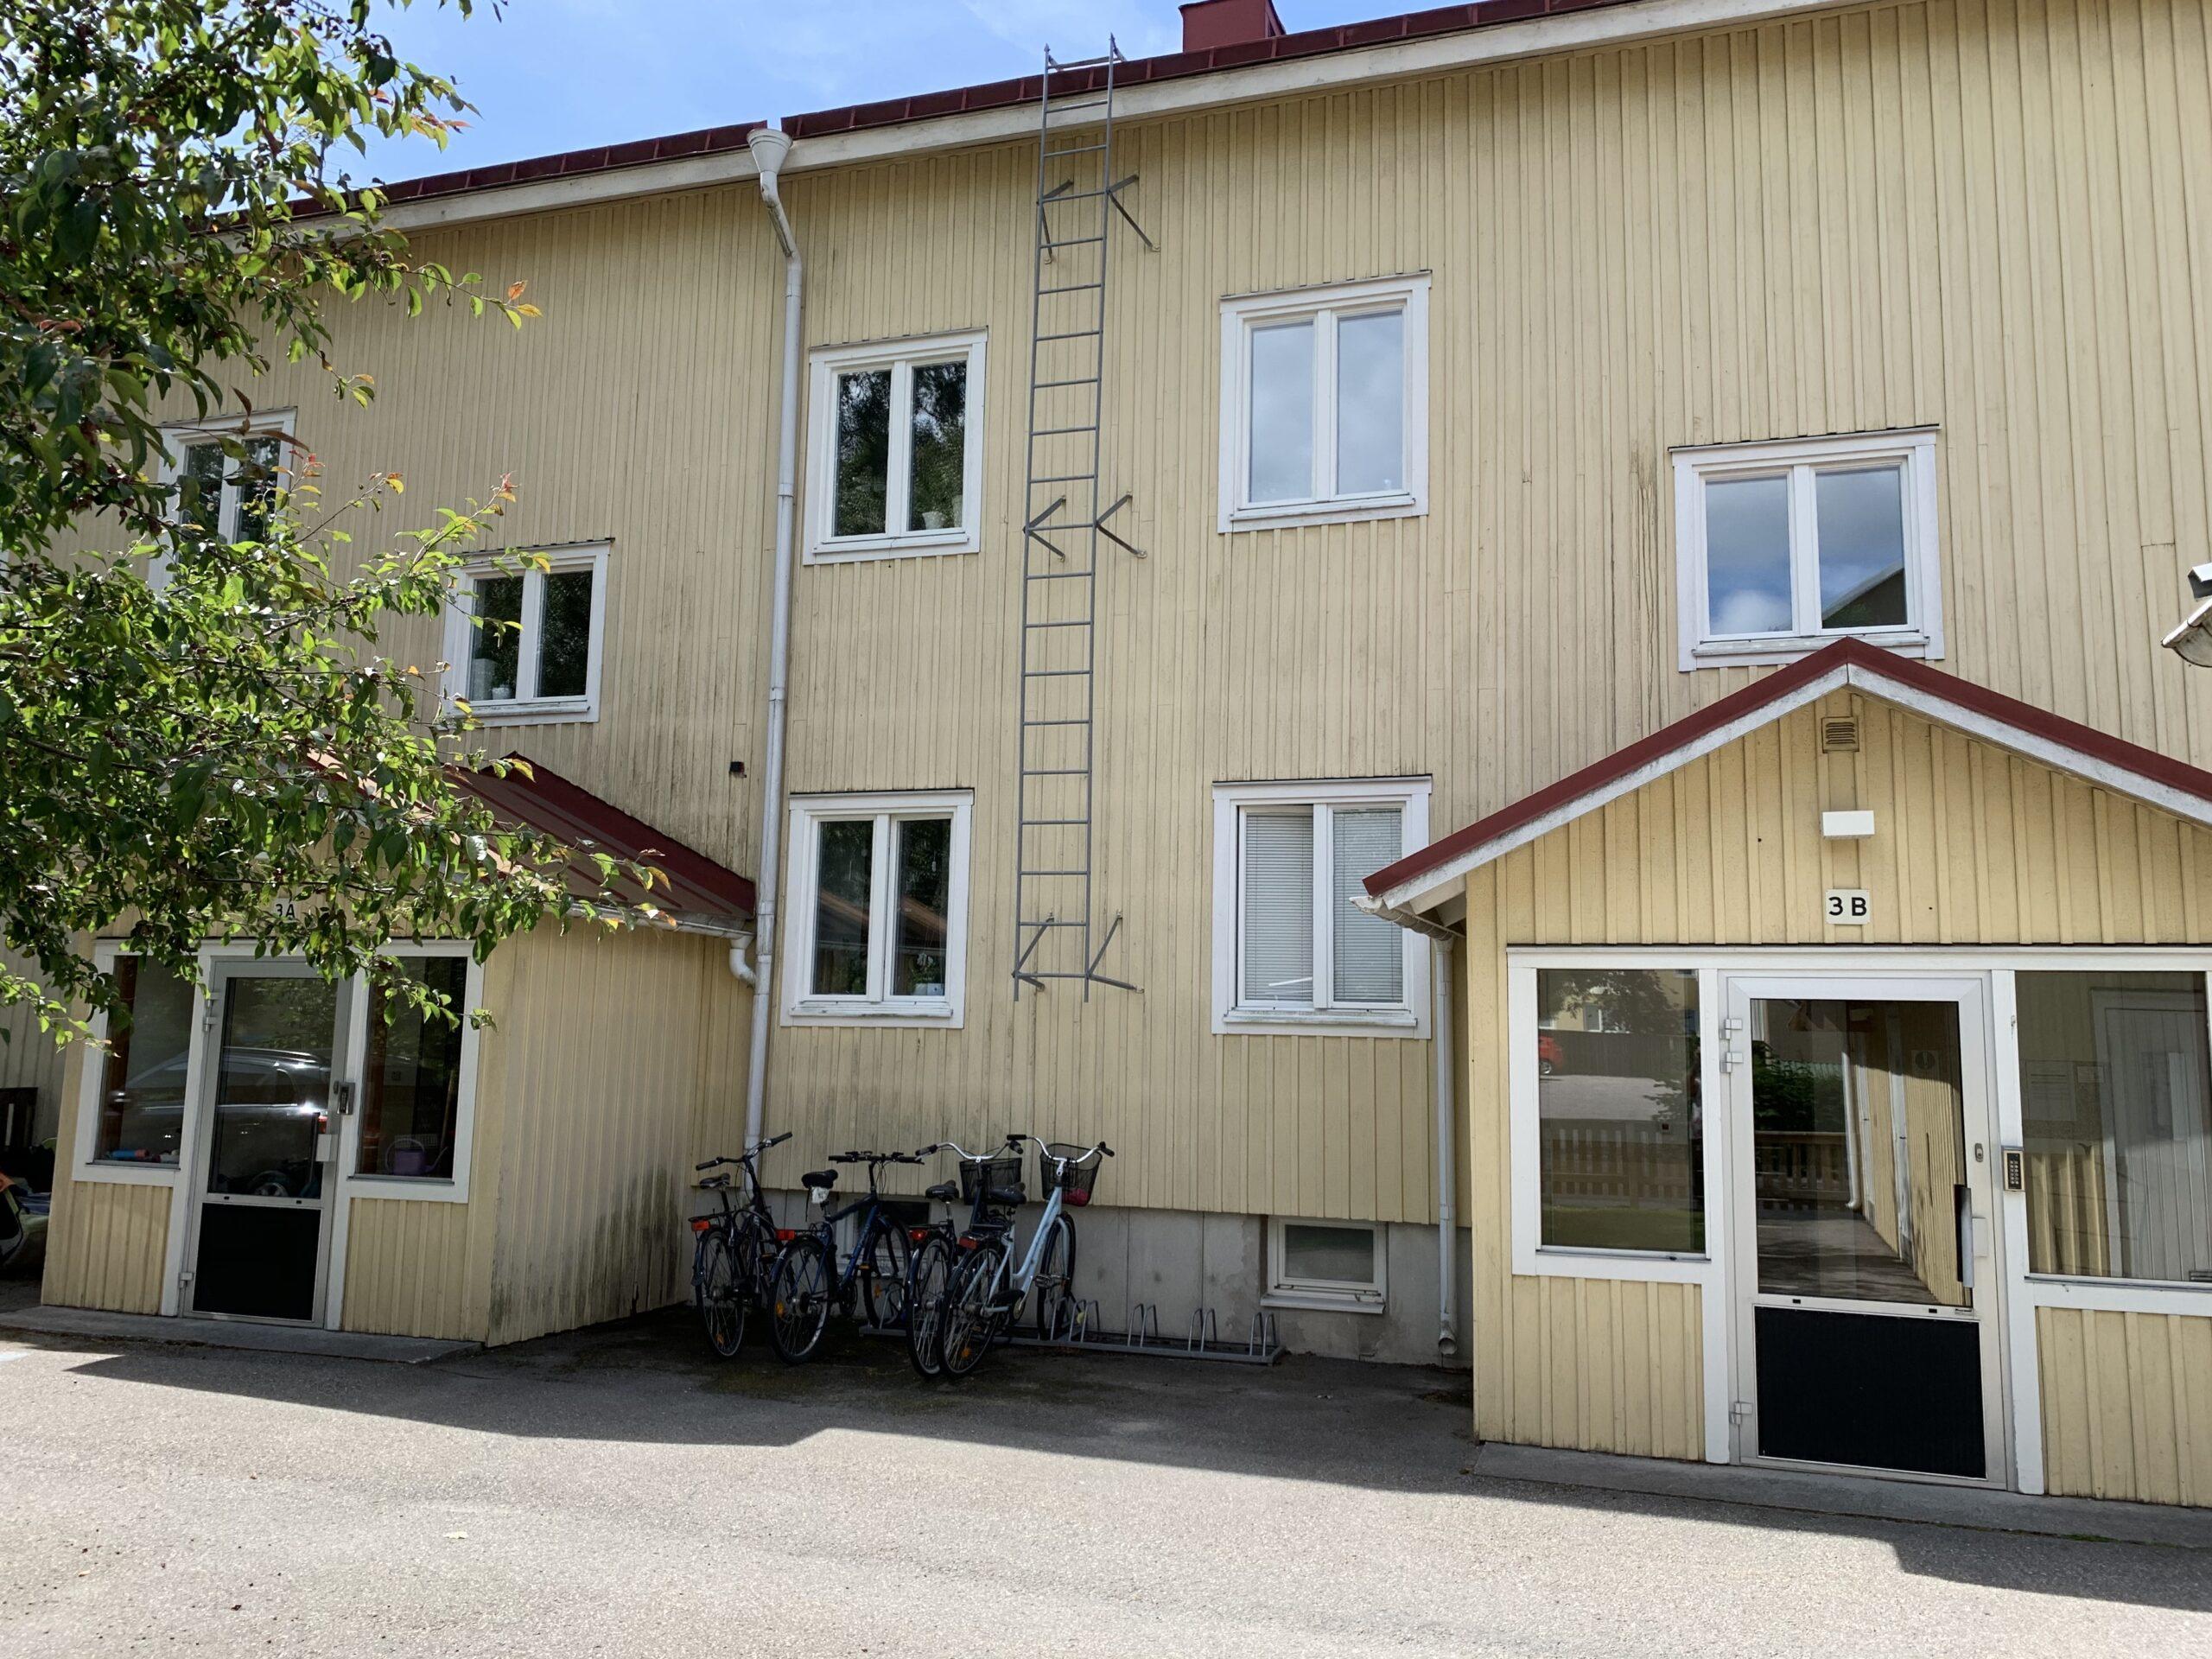 Norrtullsgatan 3